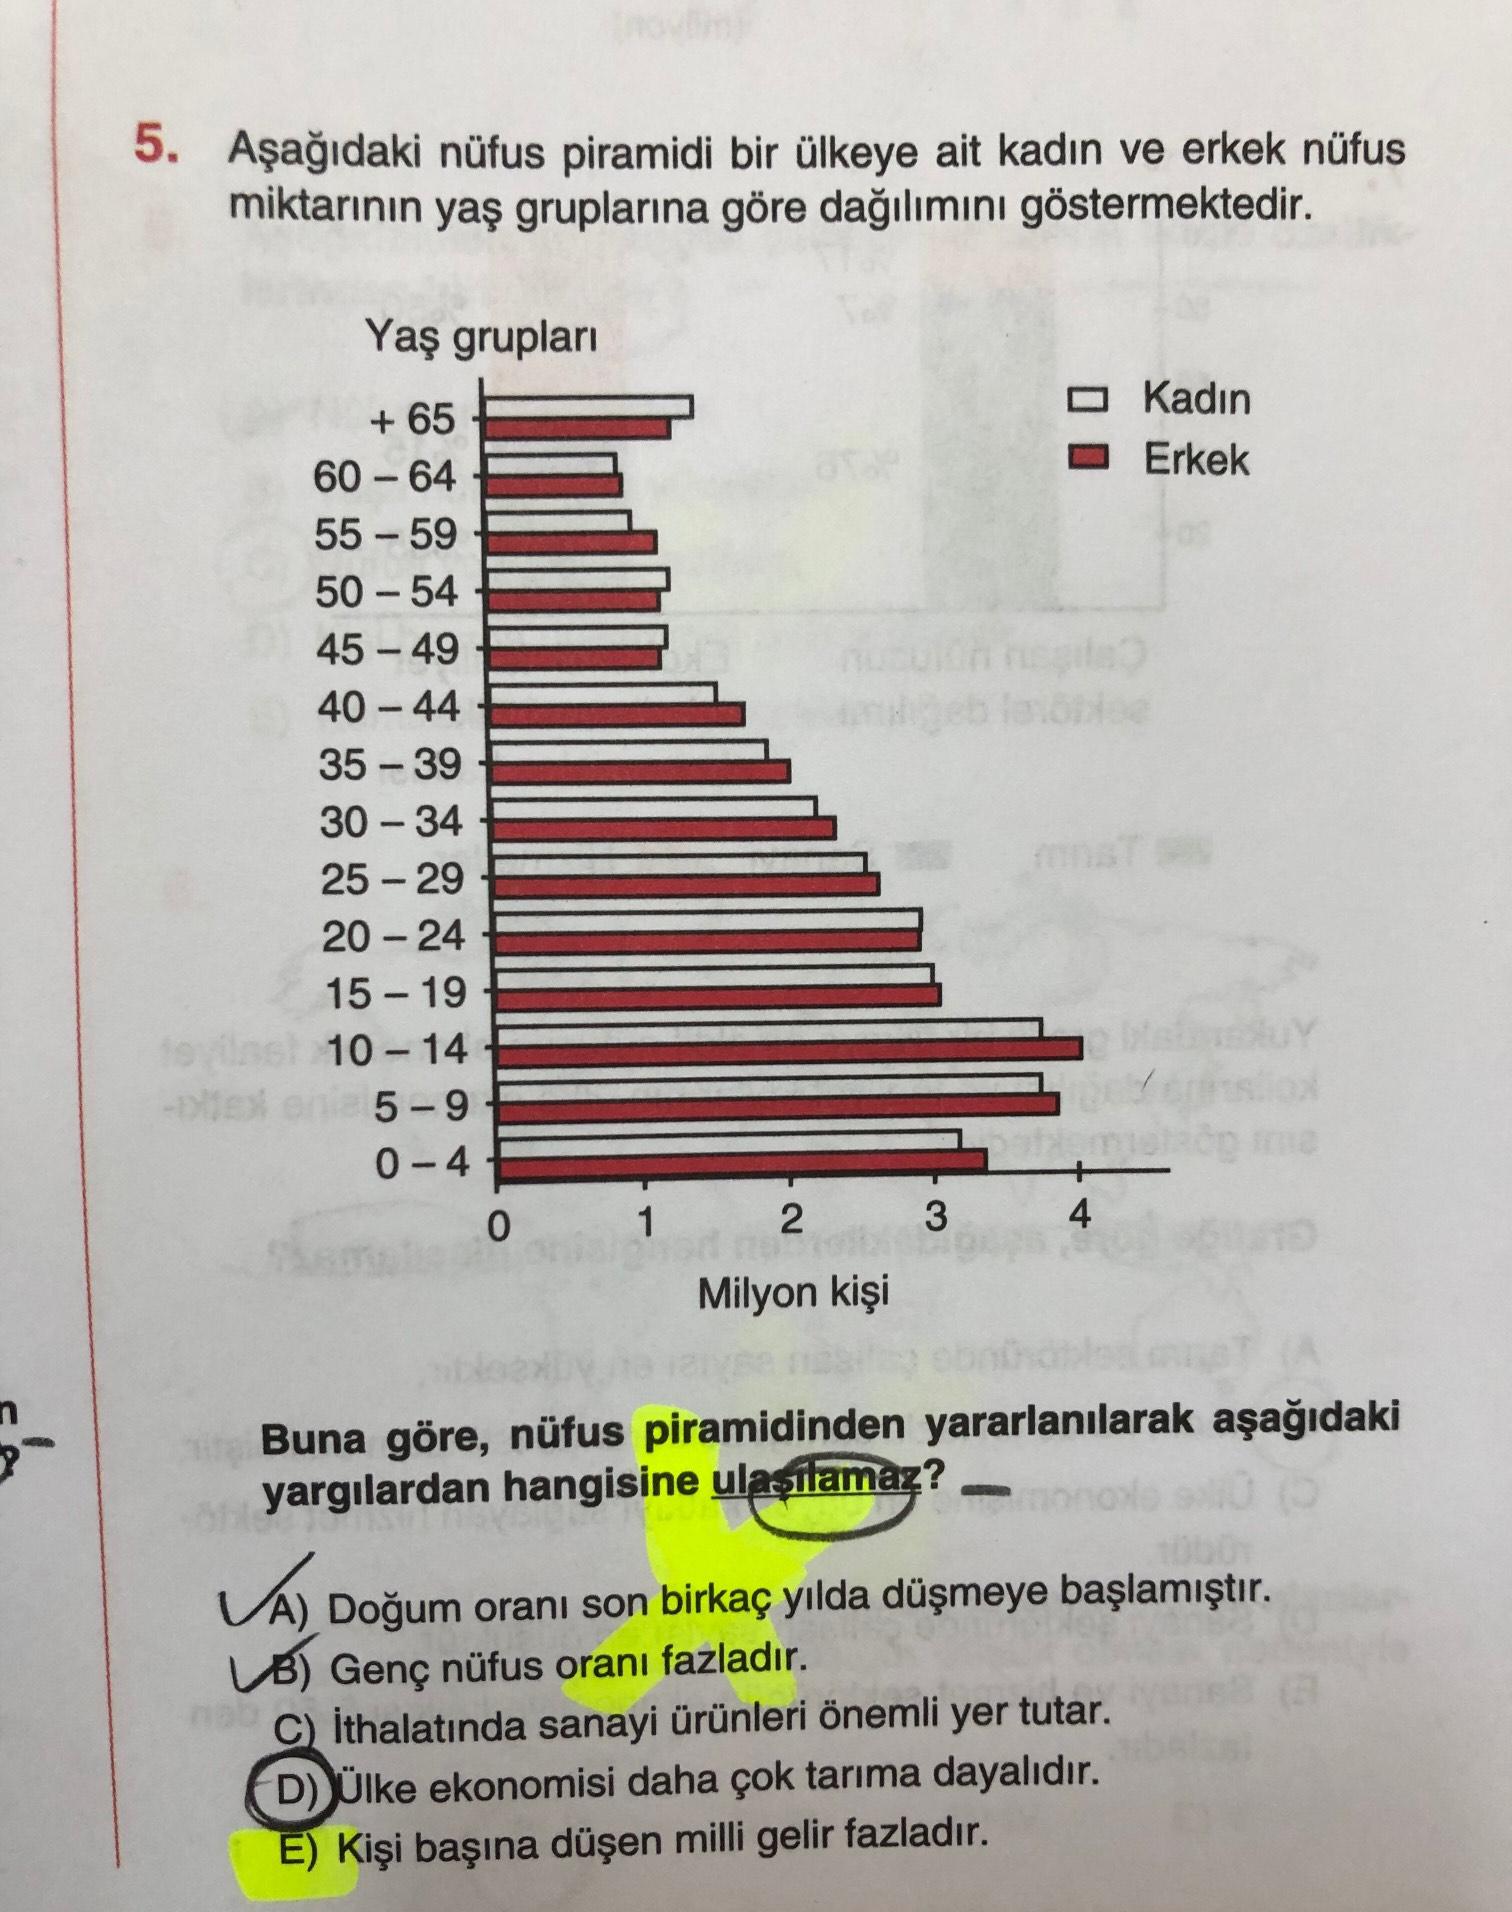 5. Aşağıdaki nüfus piramidi bir ülkeye ait kadın ve erkek nüfus miktarının yaş gruplarına göre dağılımını göstermektedir. Yaş grupları + 65 Kadın Erkek - 60-64 55-59 50 - 54 45-49 40 - 44 35-39 30-34 25 -29 20 - 24 15 - 19 10-14 5-9 0-4 0 1 2 3 4 Milyon ki